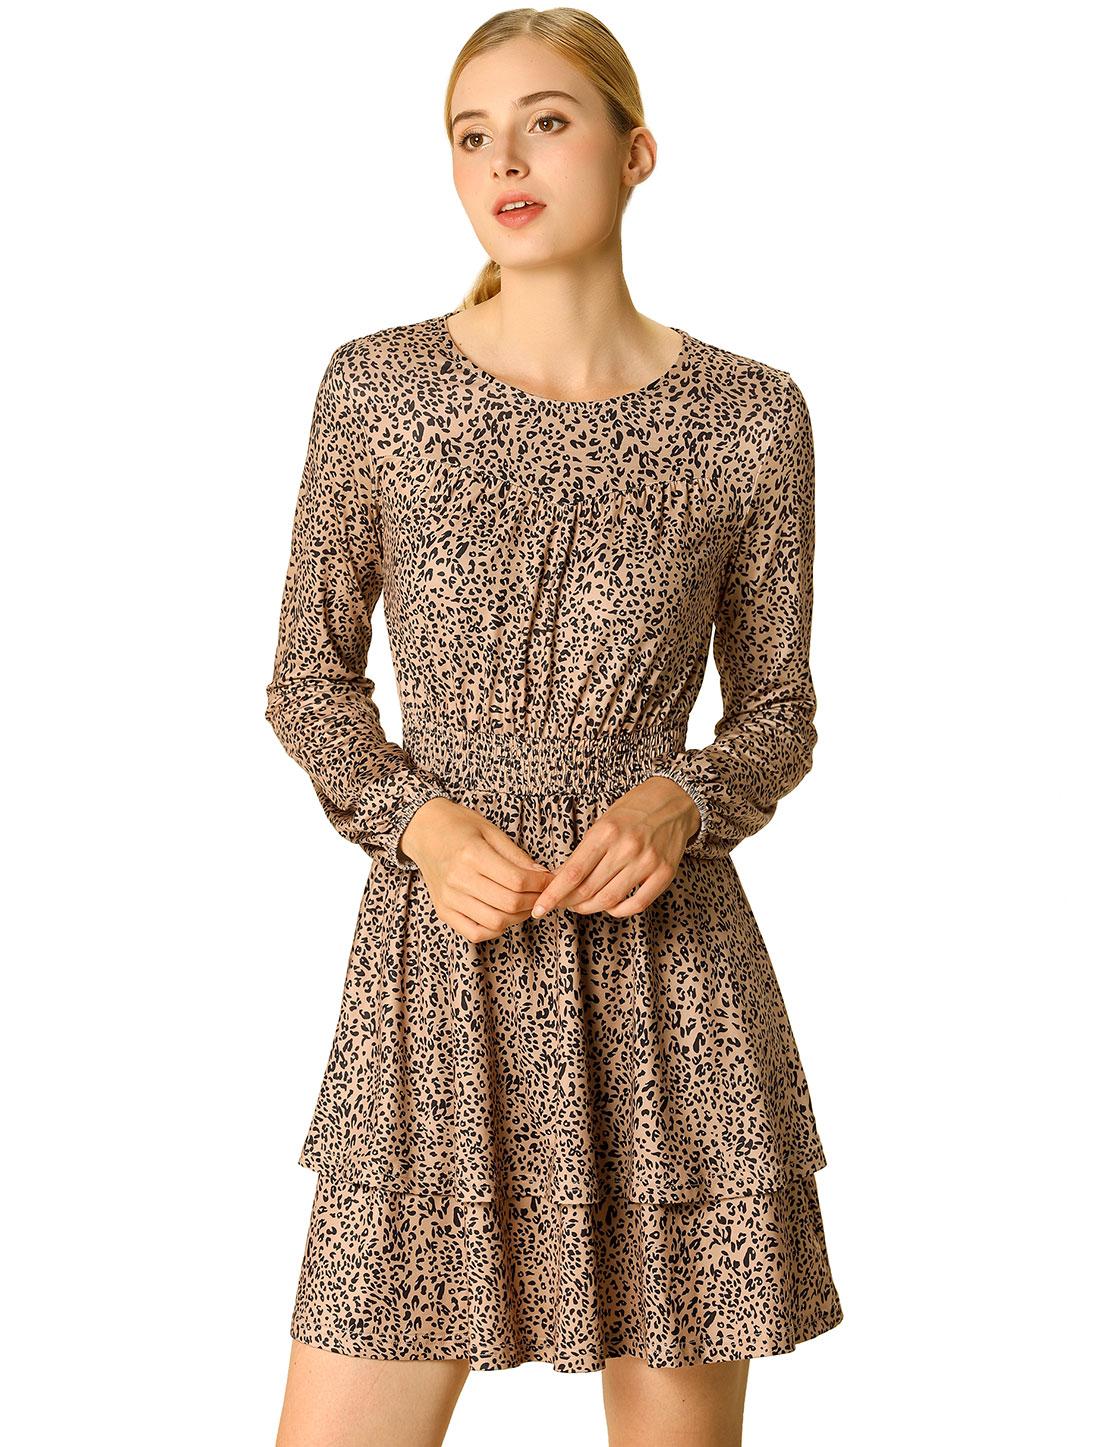 Women's Leopard Long Sleeve Layered Ruffle Hem Dress Light Brown S